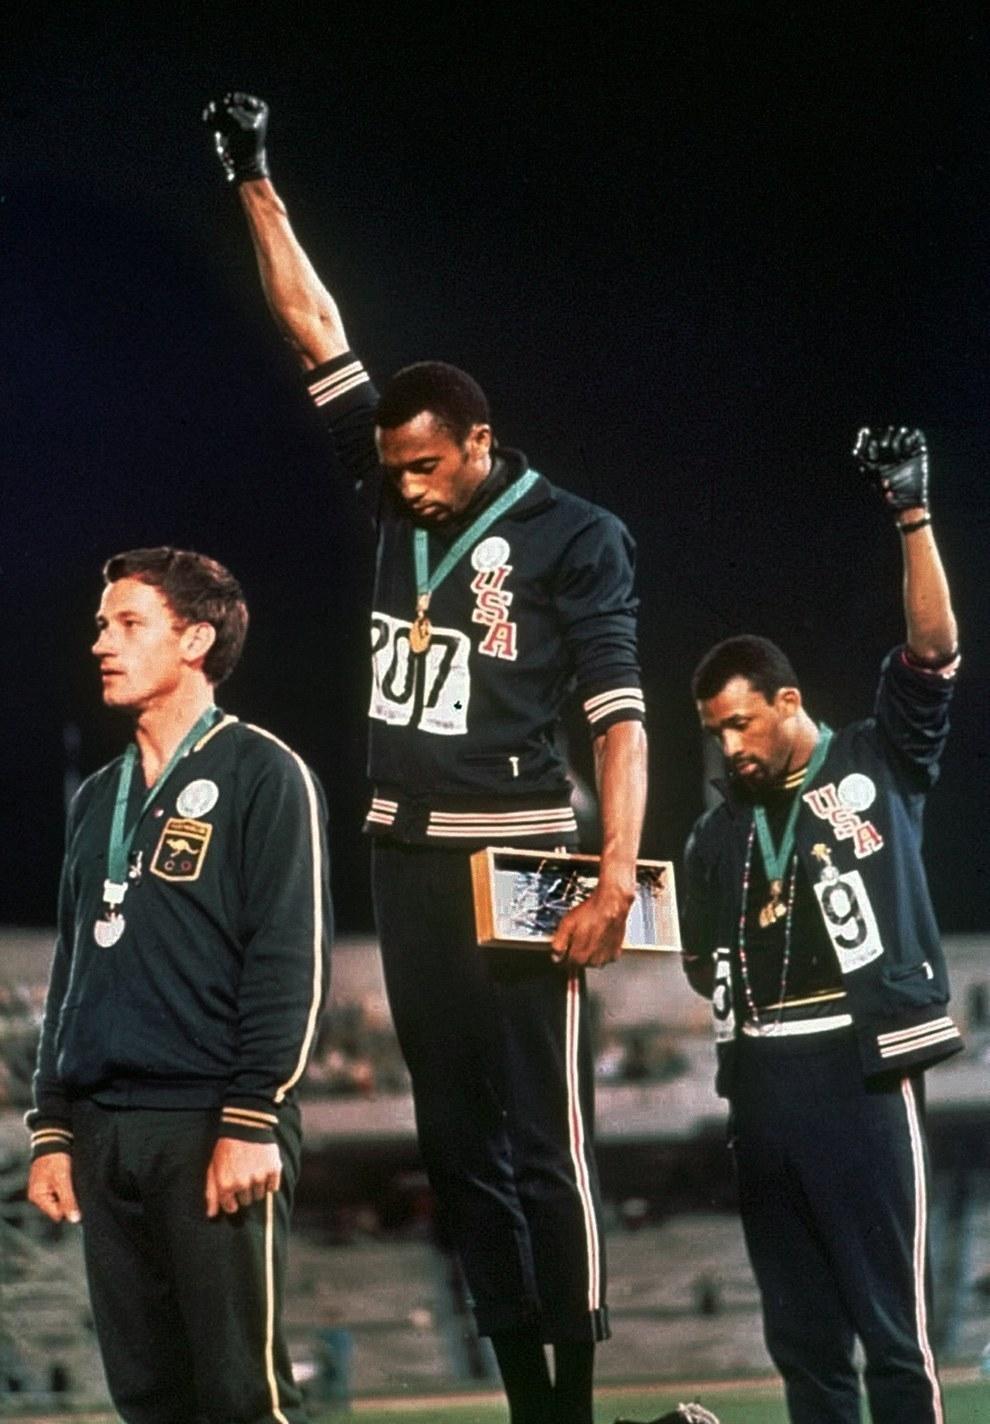 El saludo Black Power del medallista de oro Tommie Smith y el de bronce John Carlos durante los Juegos Olímpicos de verano en 1968.